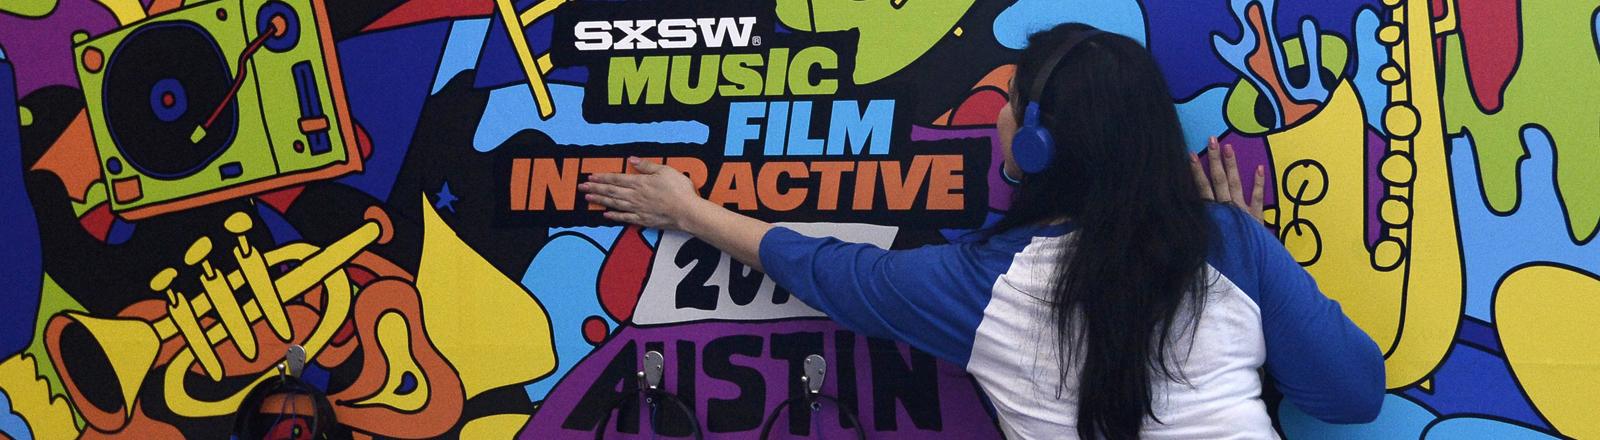 Eine Frau mit Kopfhörern klebt ein Plakat für die SXSW 2016.